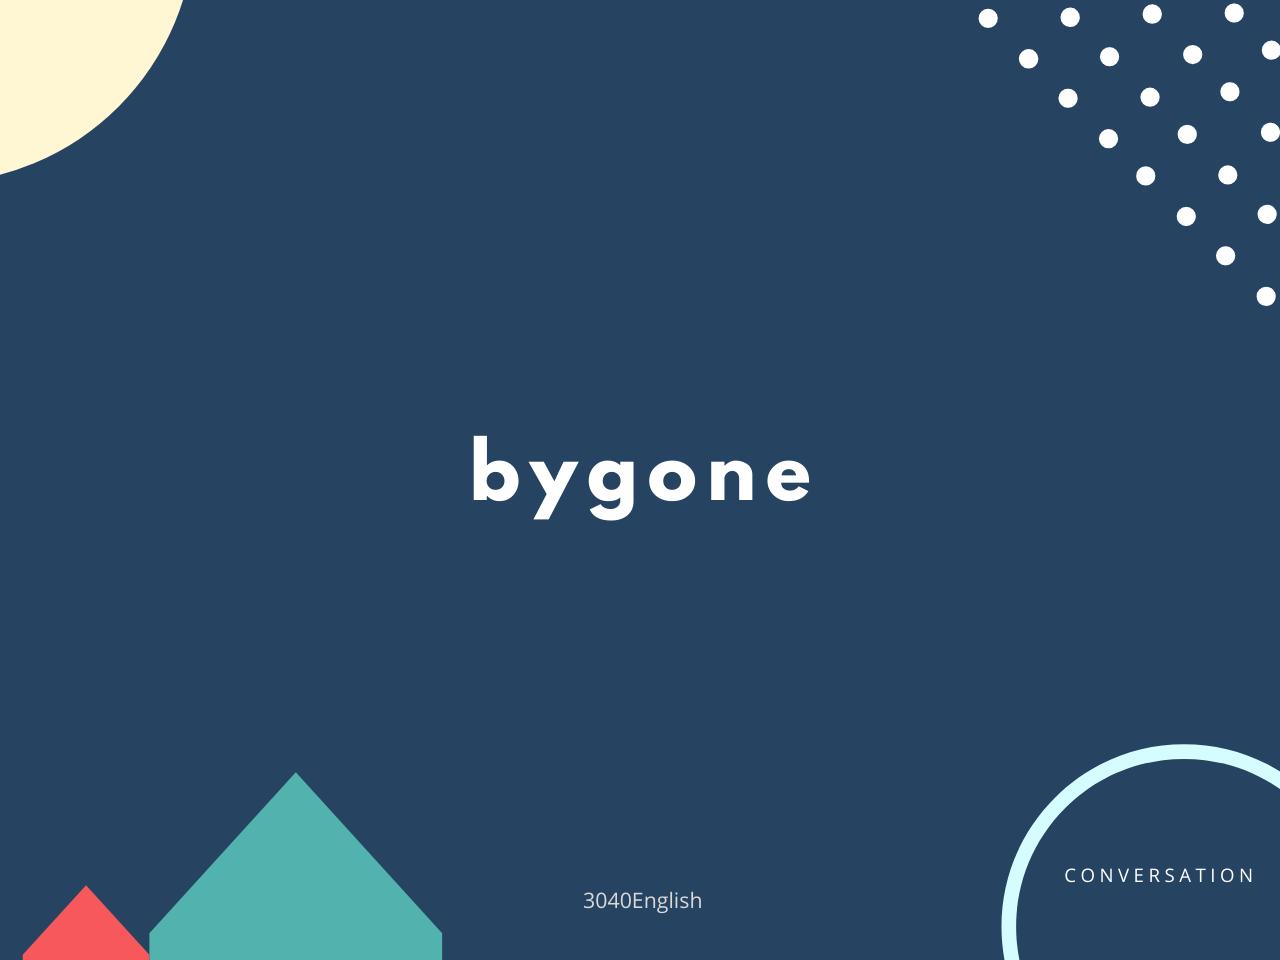 Let bygones be bygones の意味と簡単な使い方【例文あり】